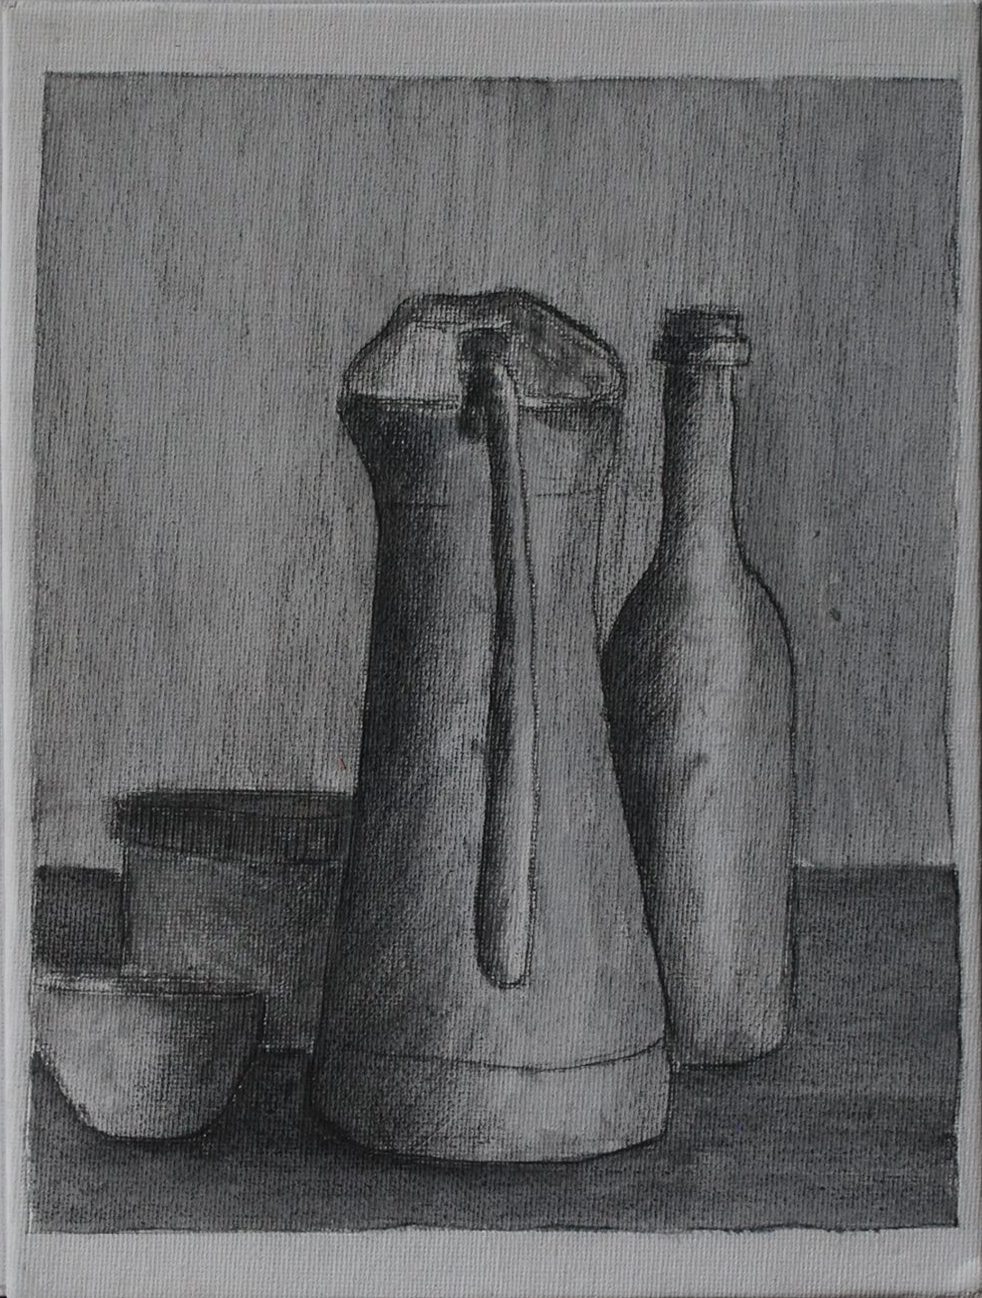 Omaggio a Morandi. Matita e acrilico su cartone telato (24 cm x 18 cm)